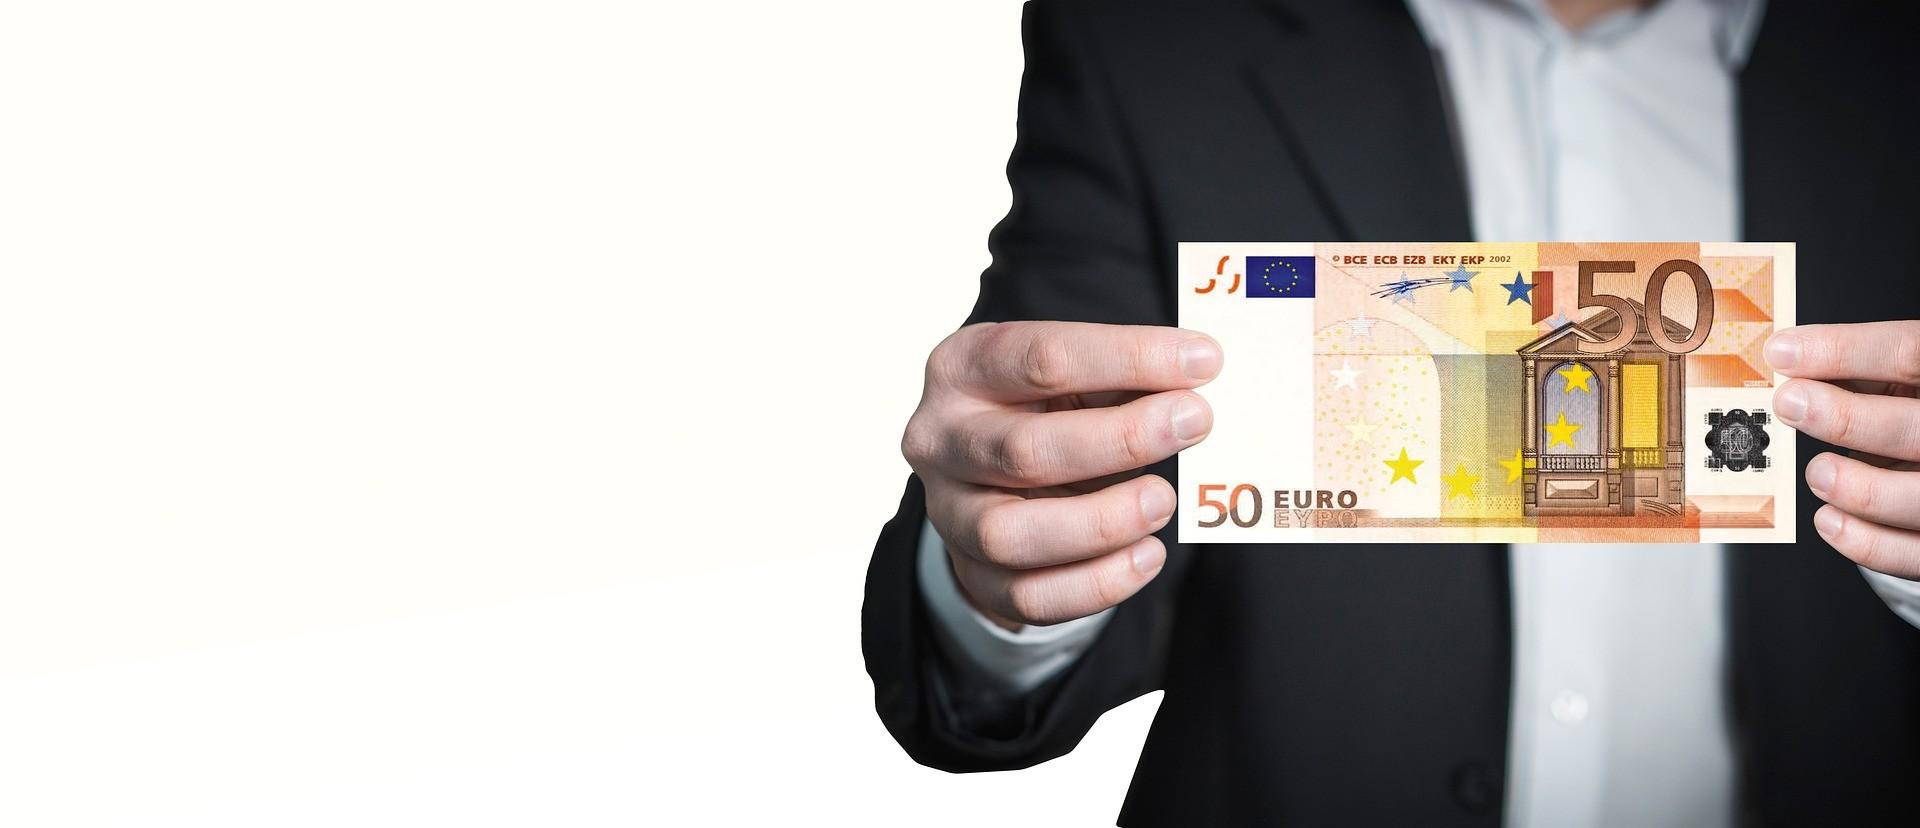 Comment Demander la Carte de Crédit Brussels Airlines Premium American Express - Apprenez-en Plus Ici